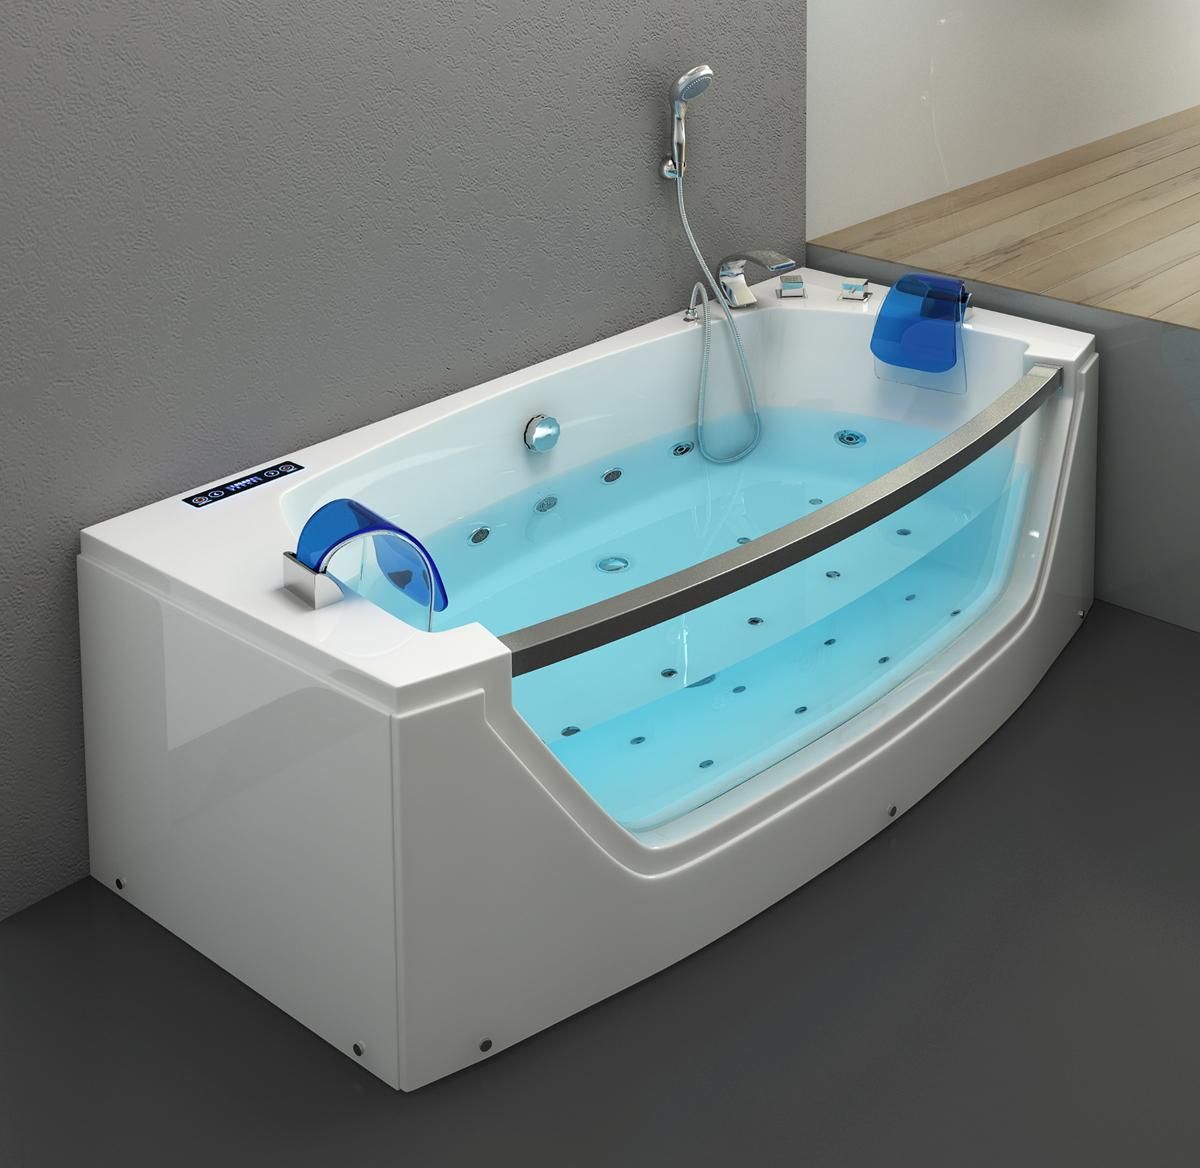 Whirlpool Badewanne Alicante 20x20 cm mit 20 Massage Düsen mit Heizung +  Glas + Ozon + LED Luxus Spa für Bad günstig